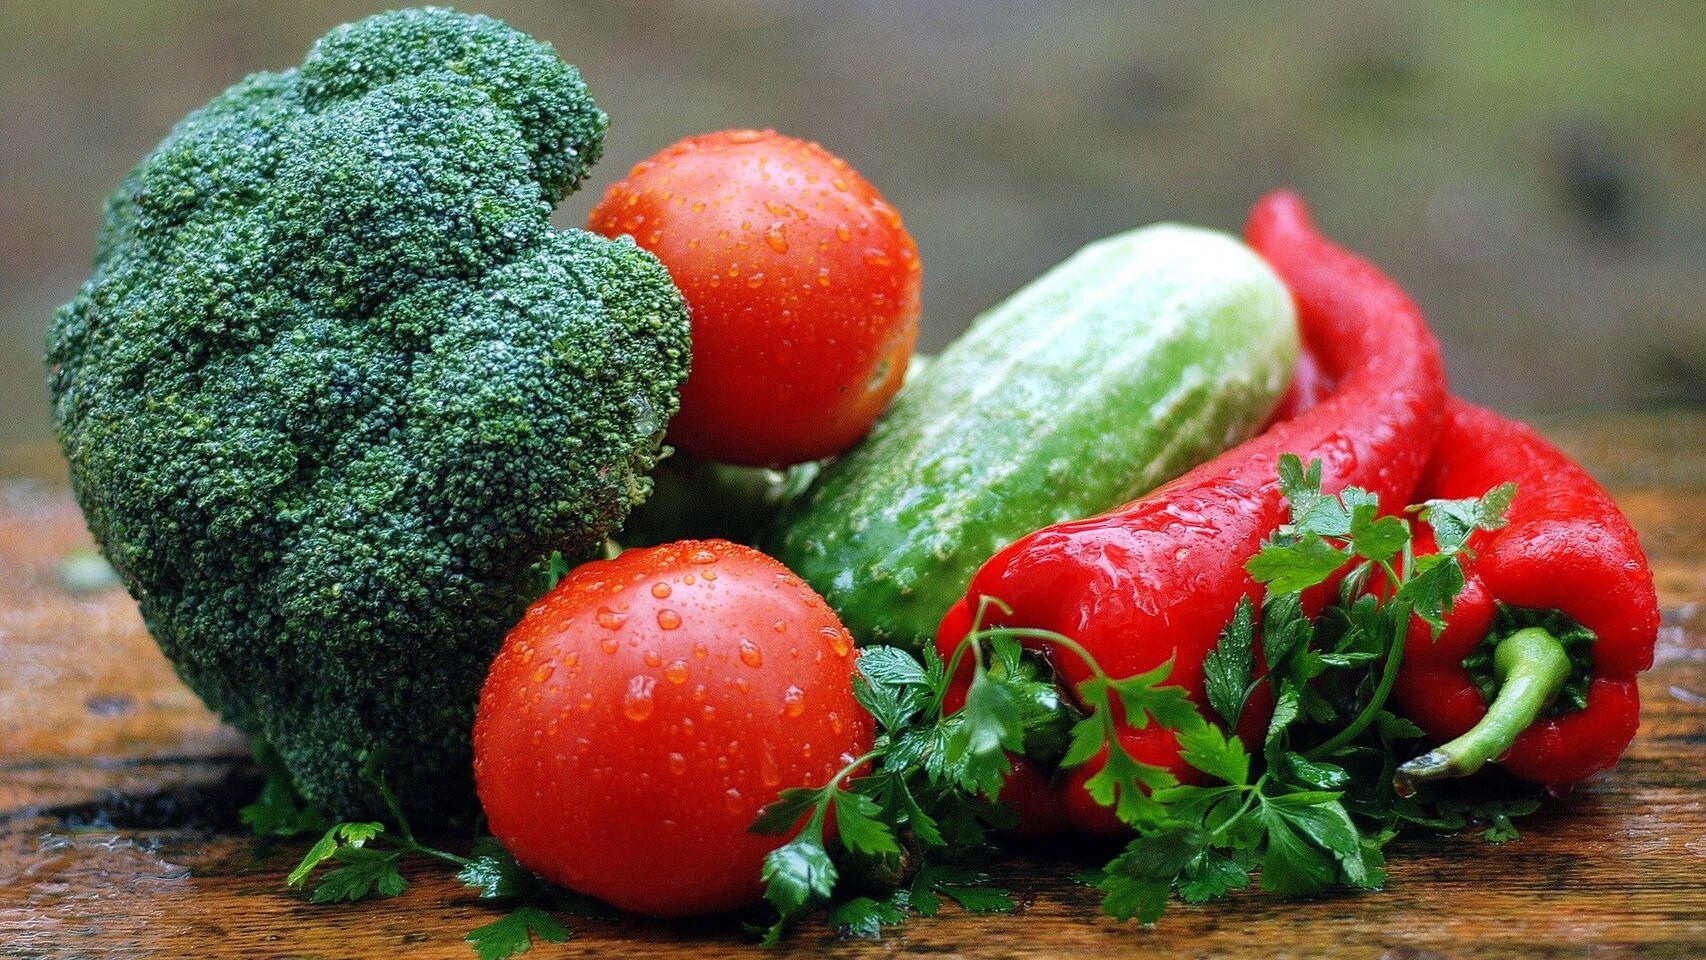 Alimentación saludable frente al coronavirus